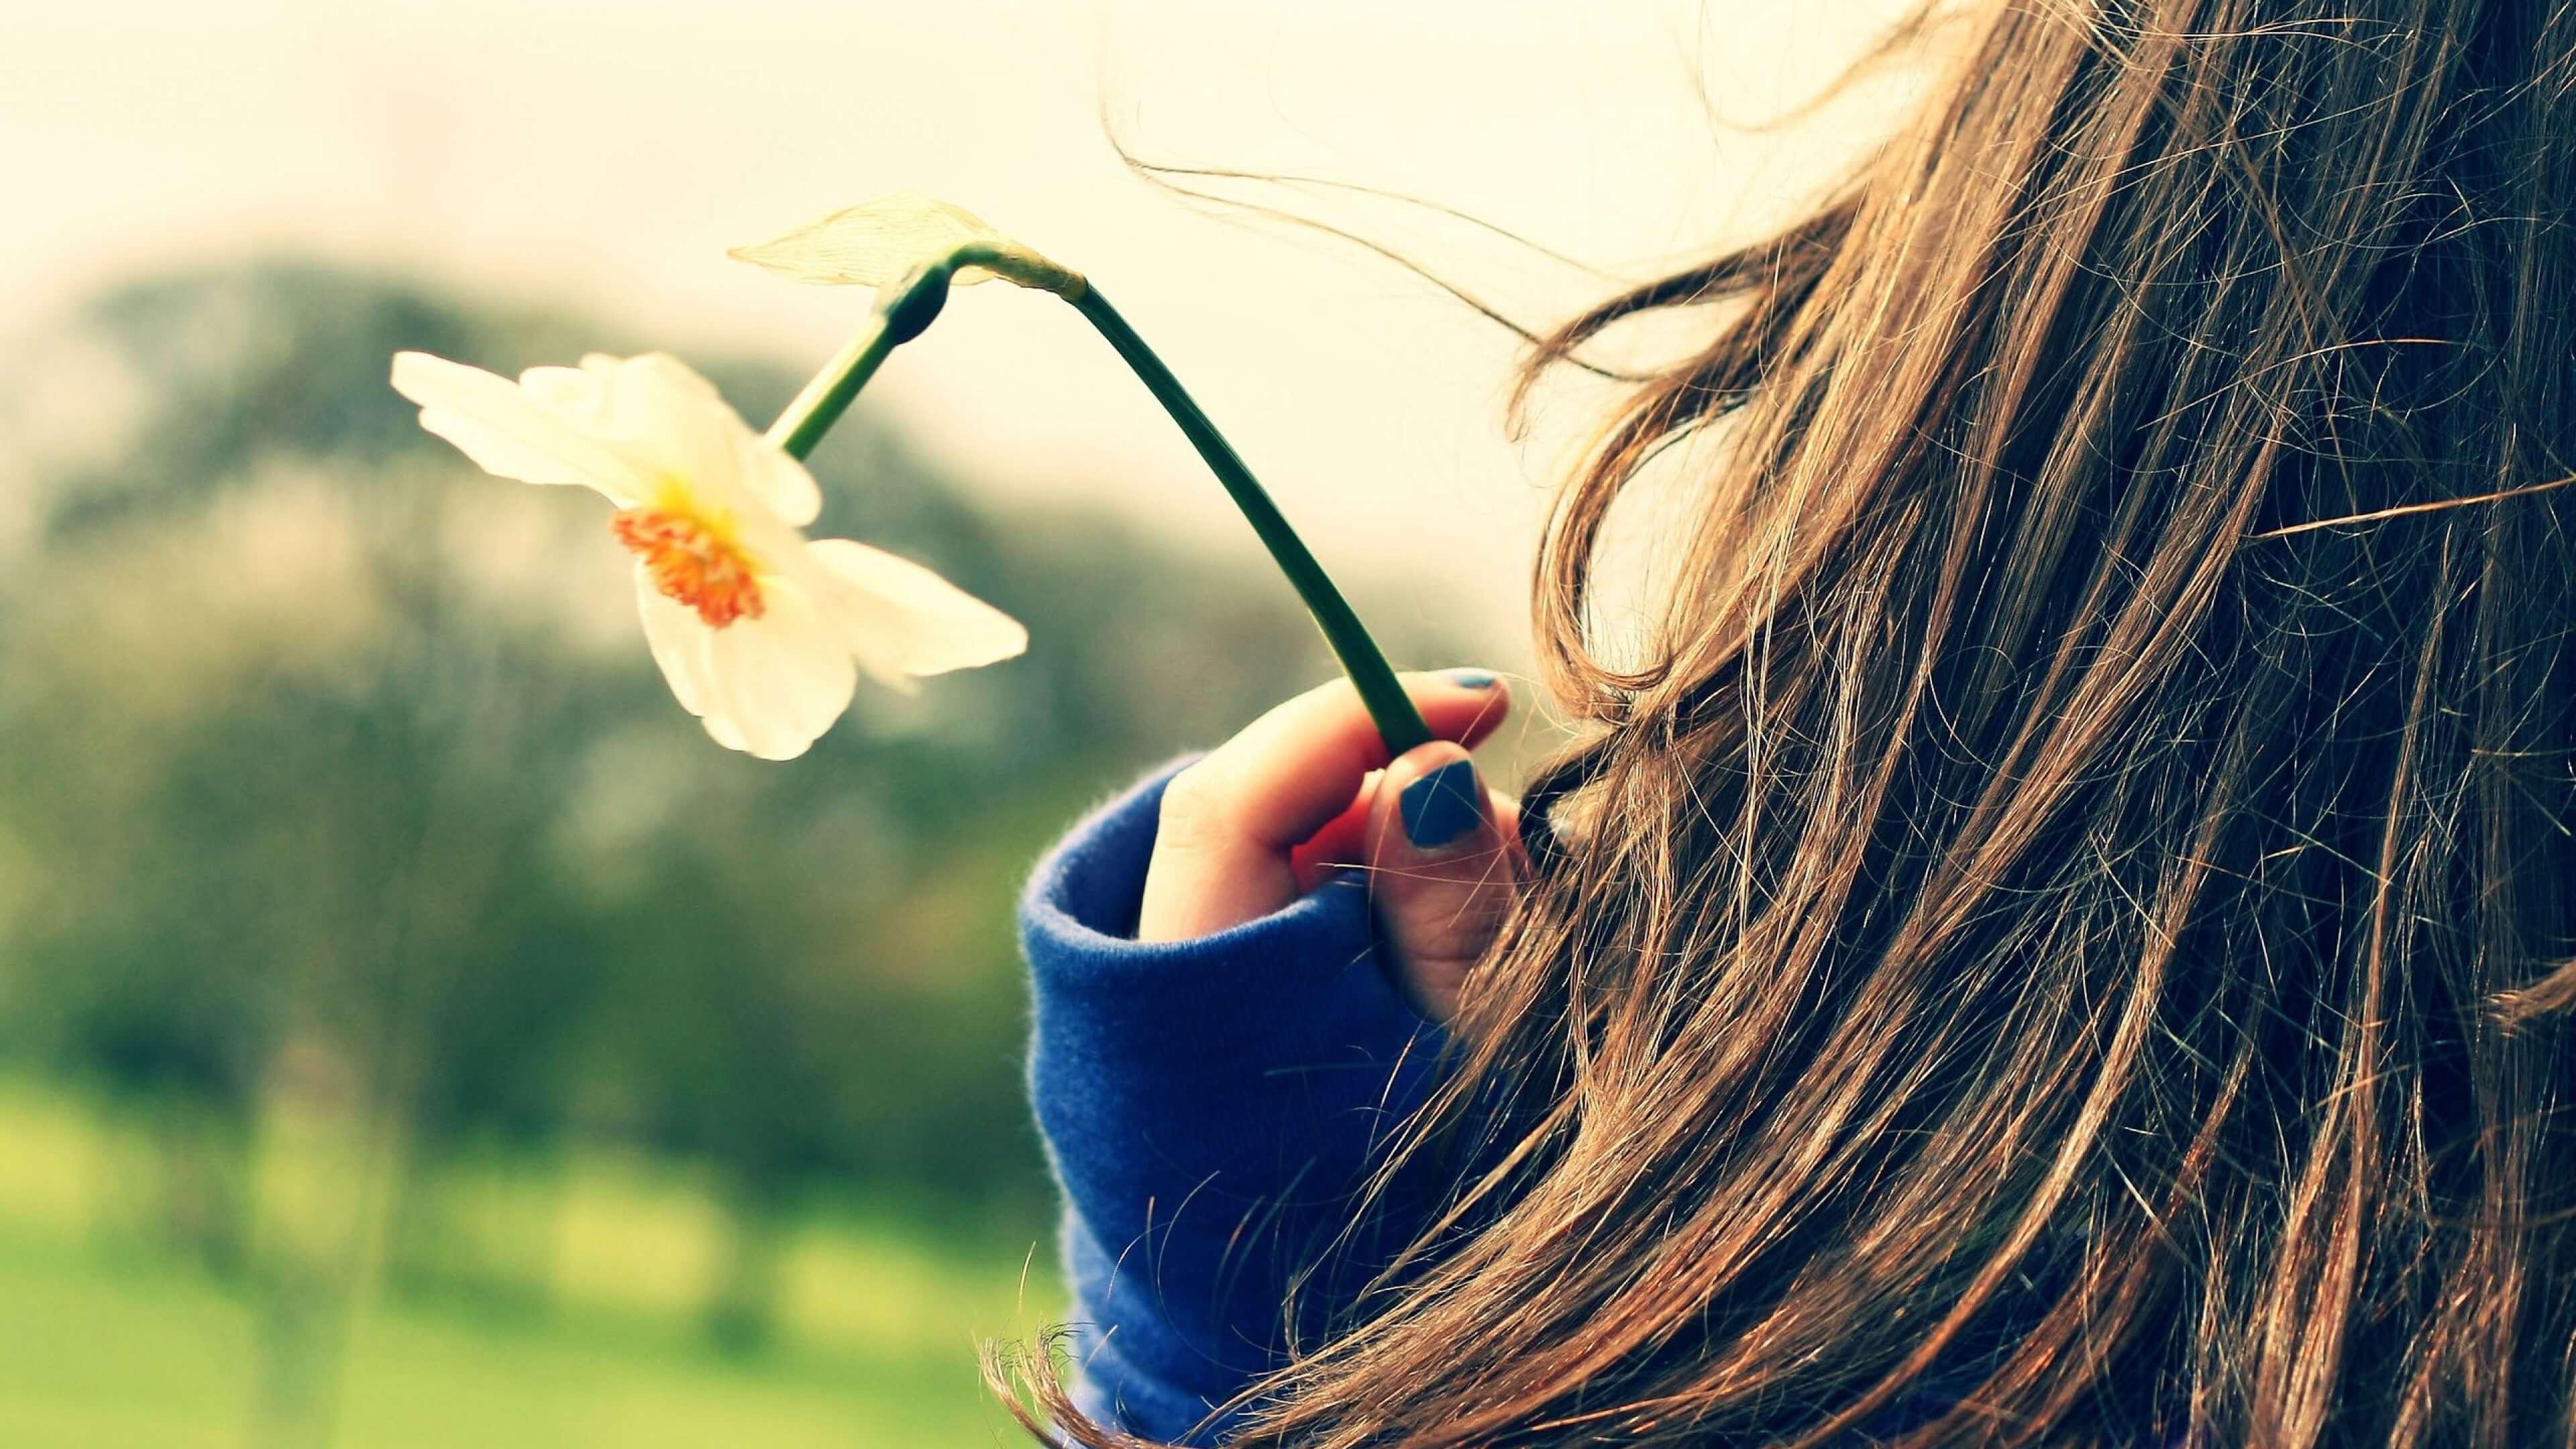 Красивые и приятные картинки для души и настроения - подборка 5